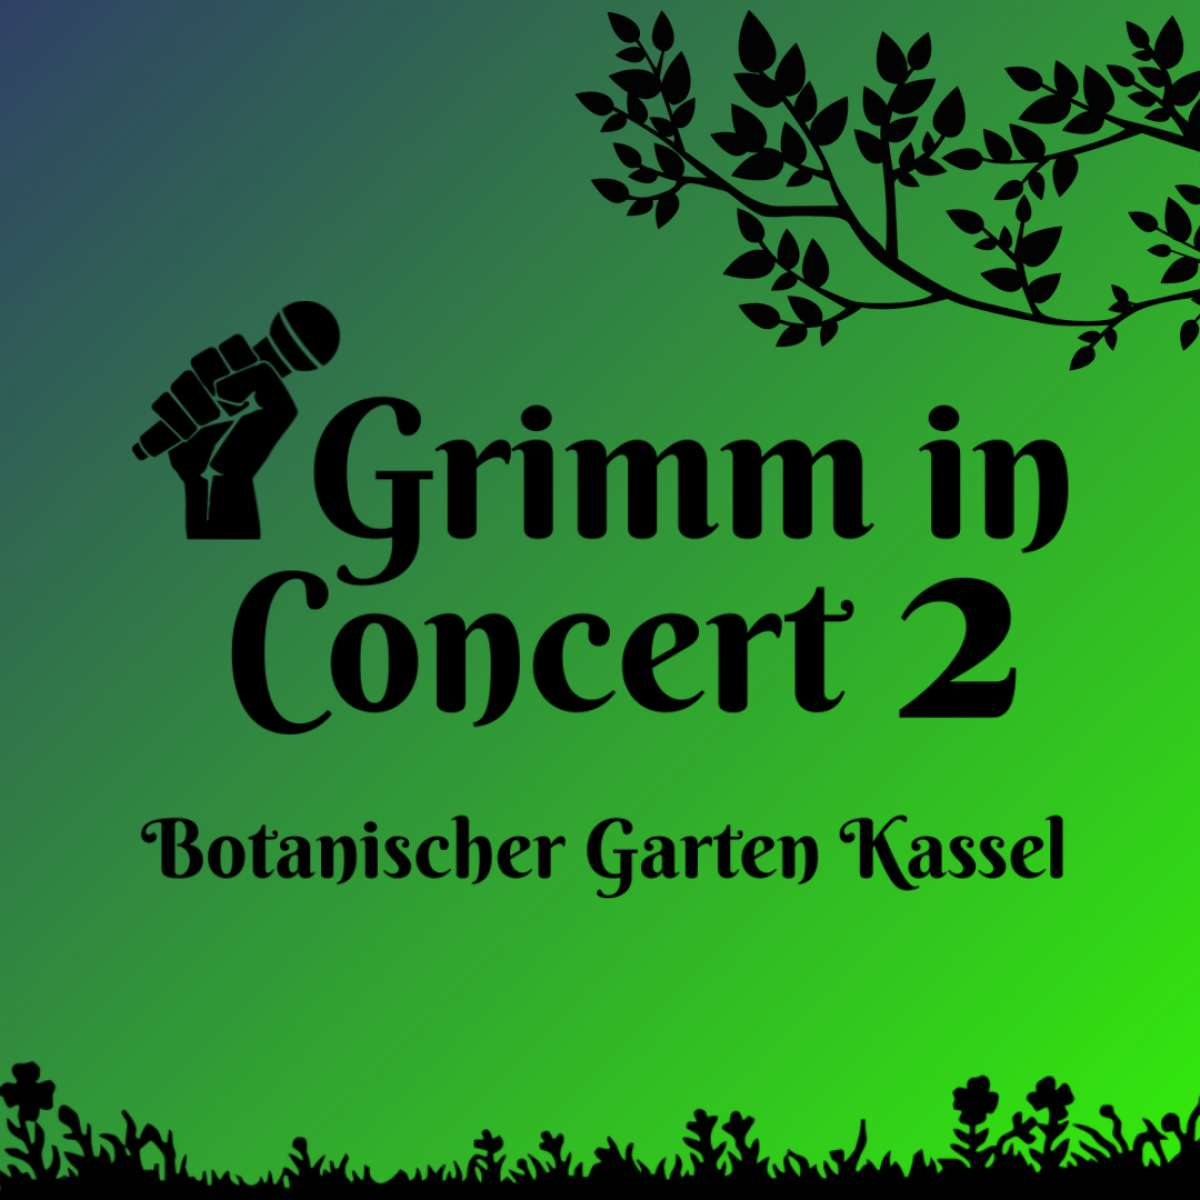 Brüder Grimm Festival - Grimm in Concert 2